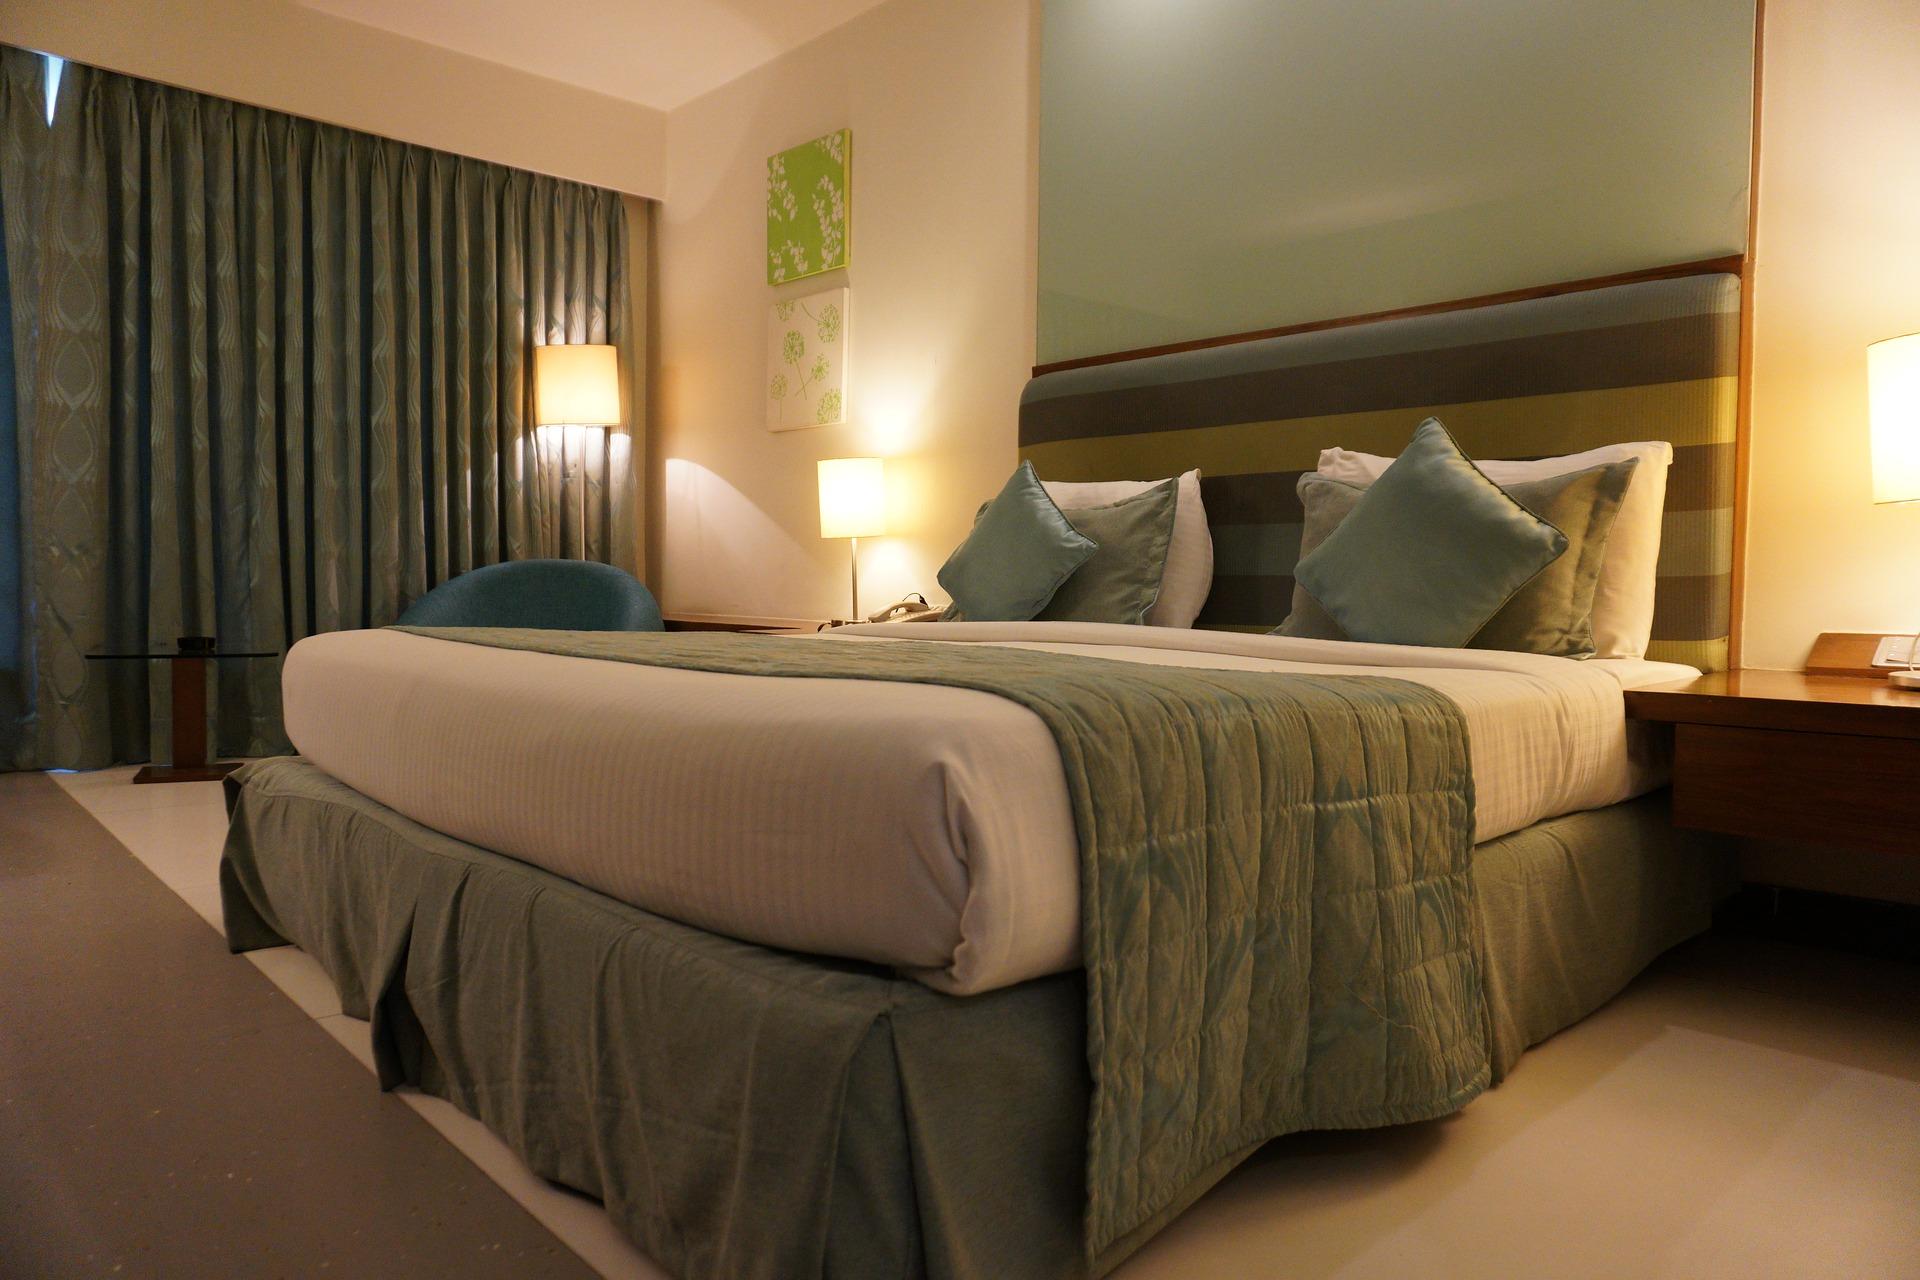 מיטה זוגית מסודרת